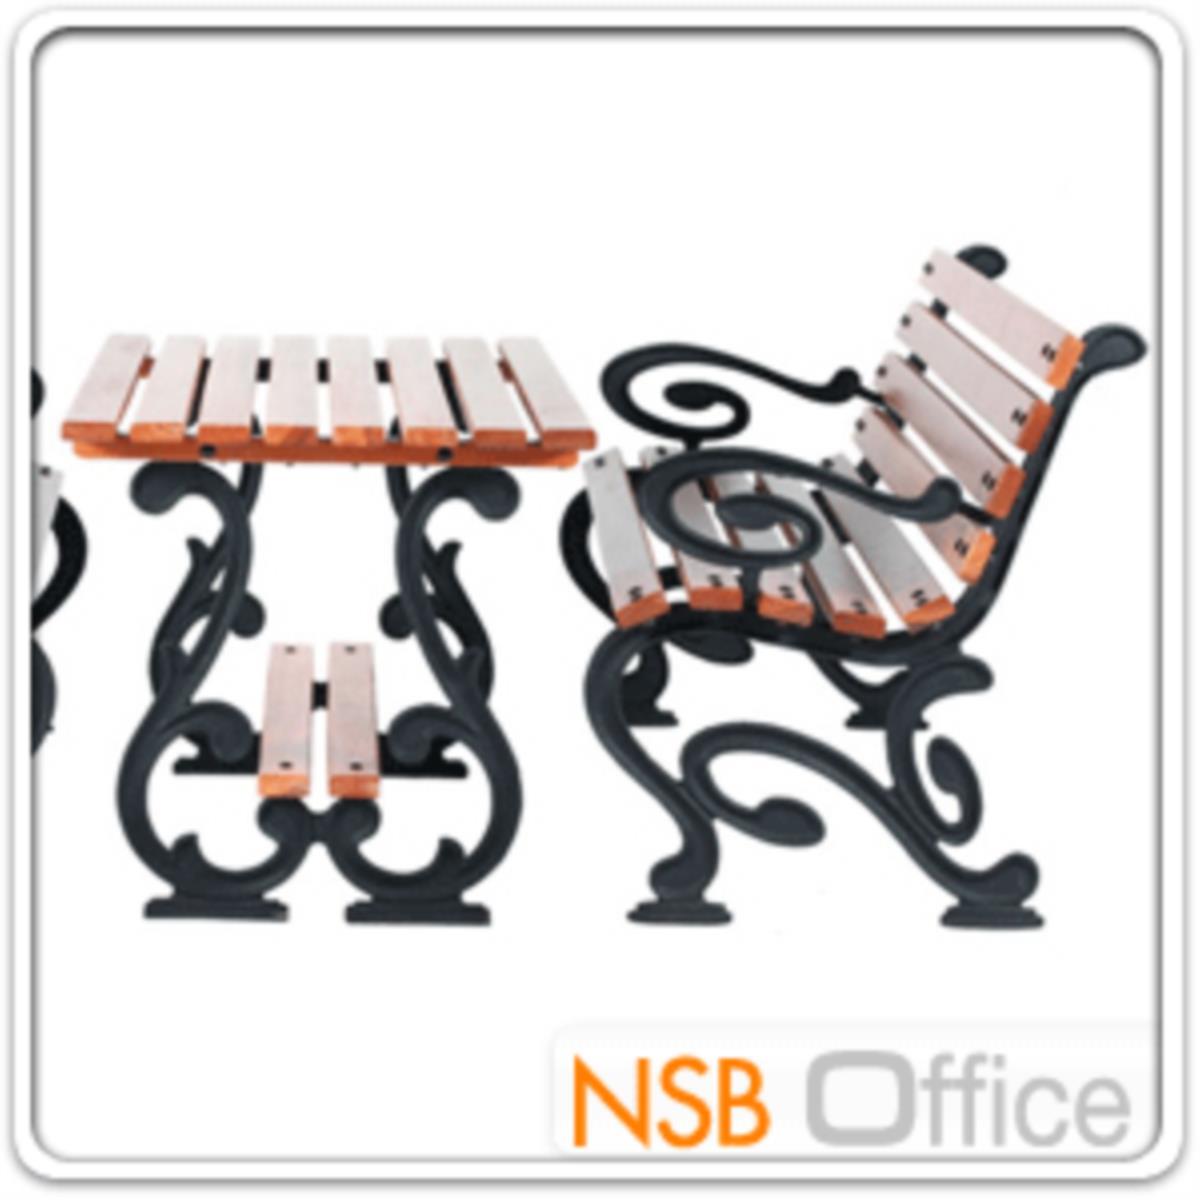 ชุดโต๊ะสนาม พร้อมเก้าอี้ กทม. BKK-COT422 (โต๊ะ 1 + เก้าอี้ 2)